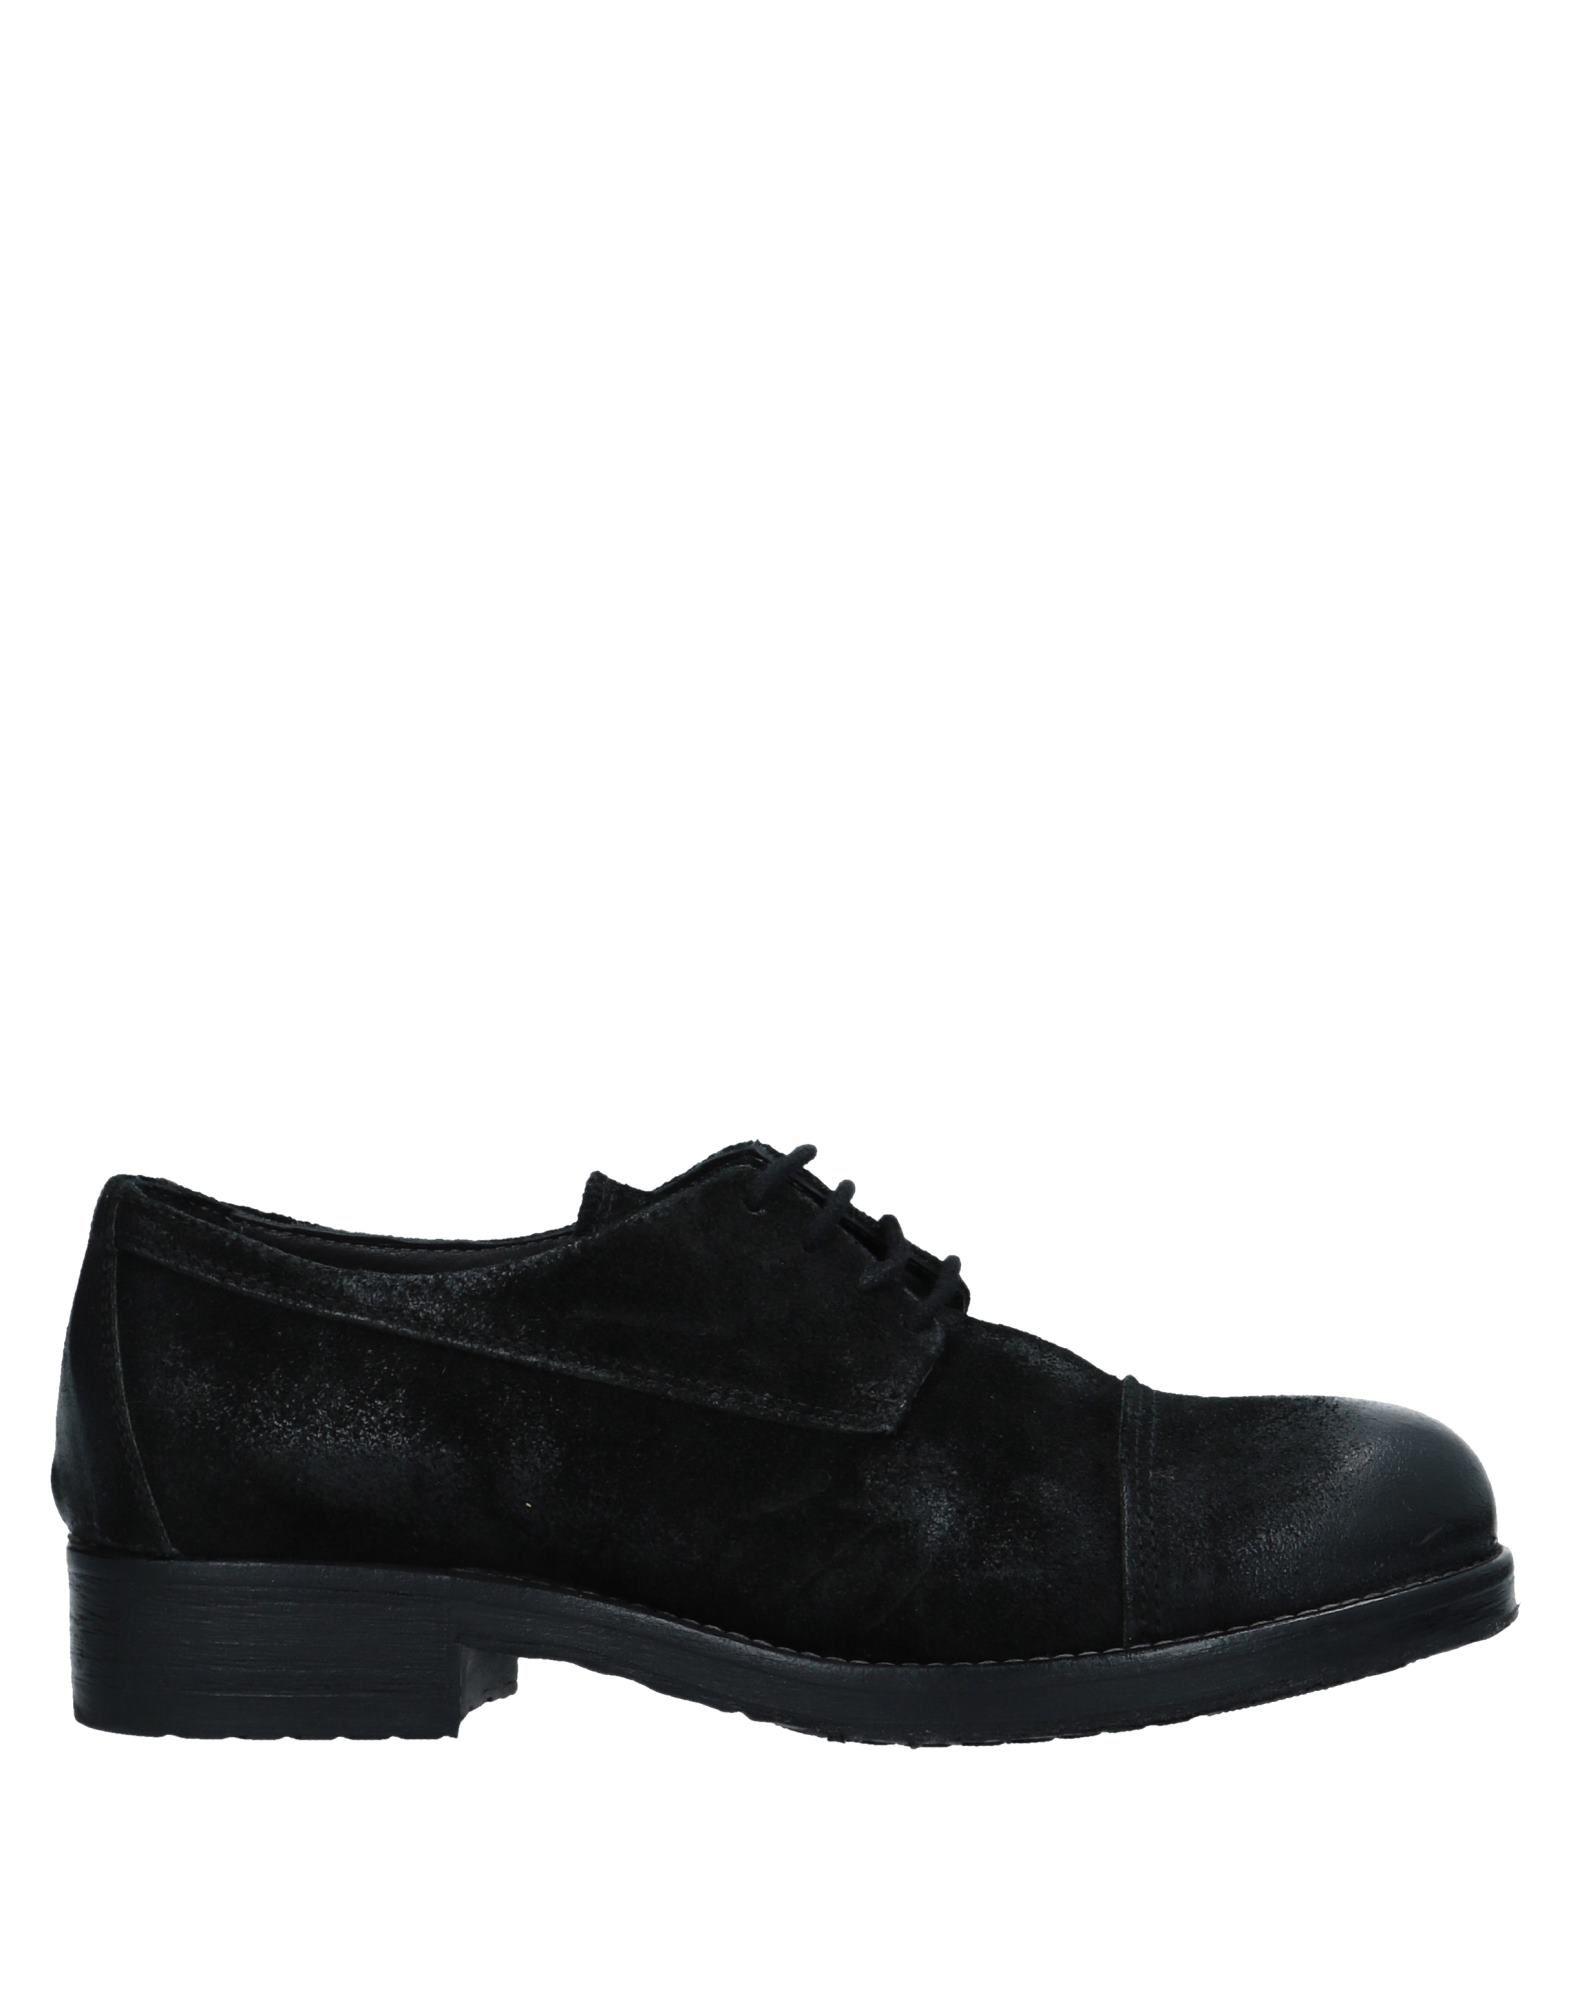 Gut um billige Schuhe zu  tragenHundROT 100 Schnürschuhe Damen  zu 11507116XD c39107